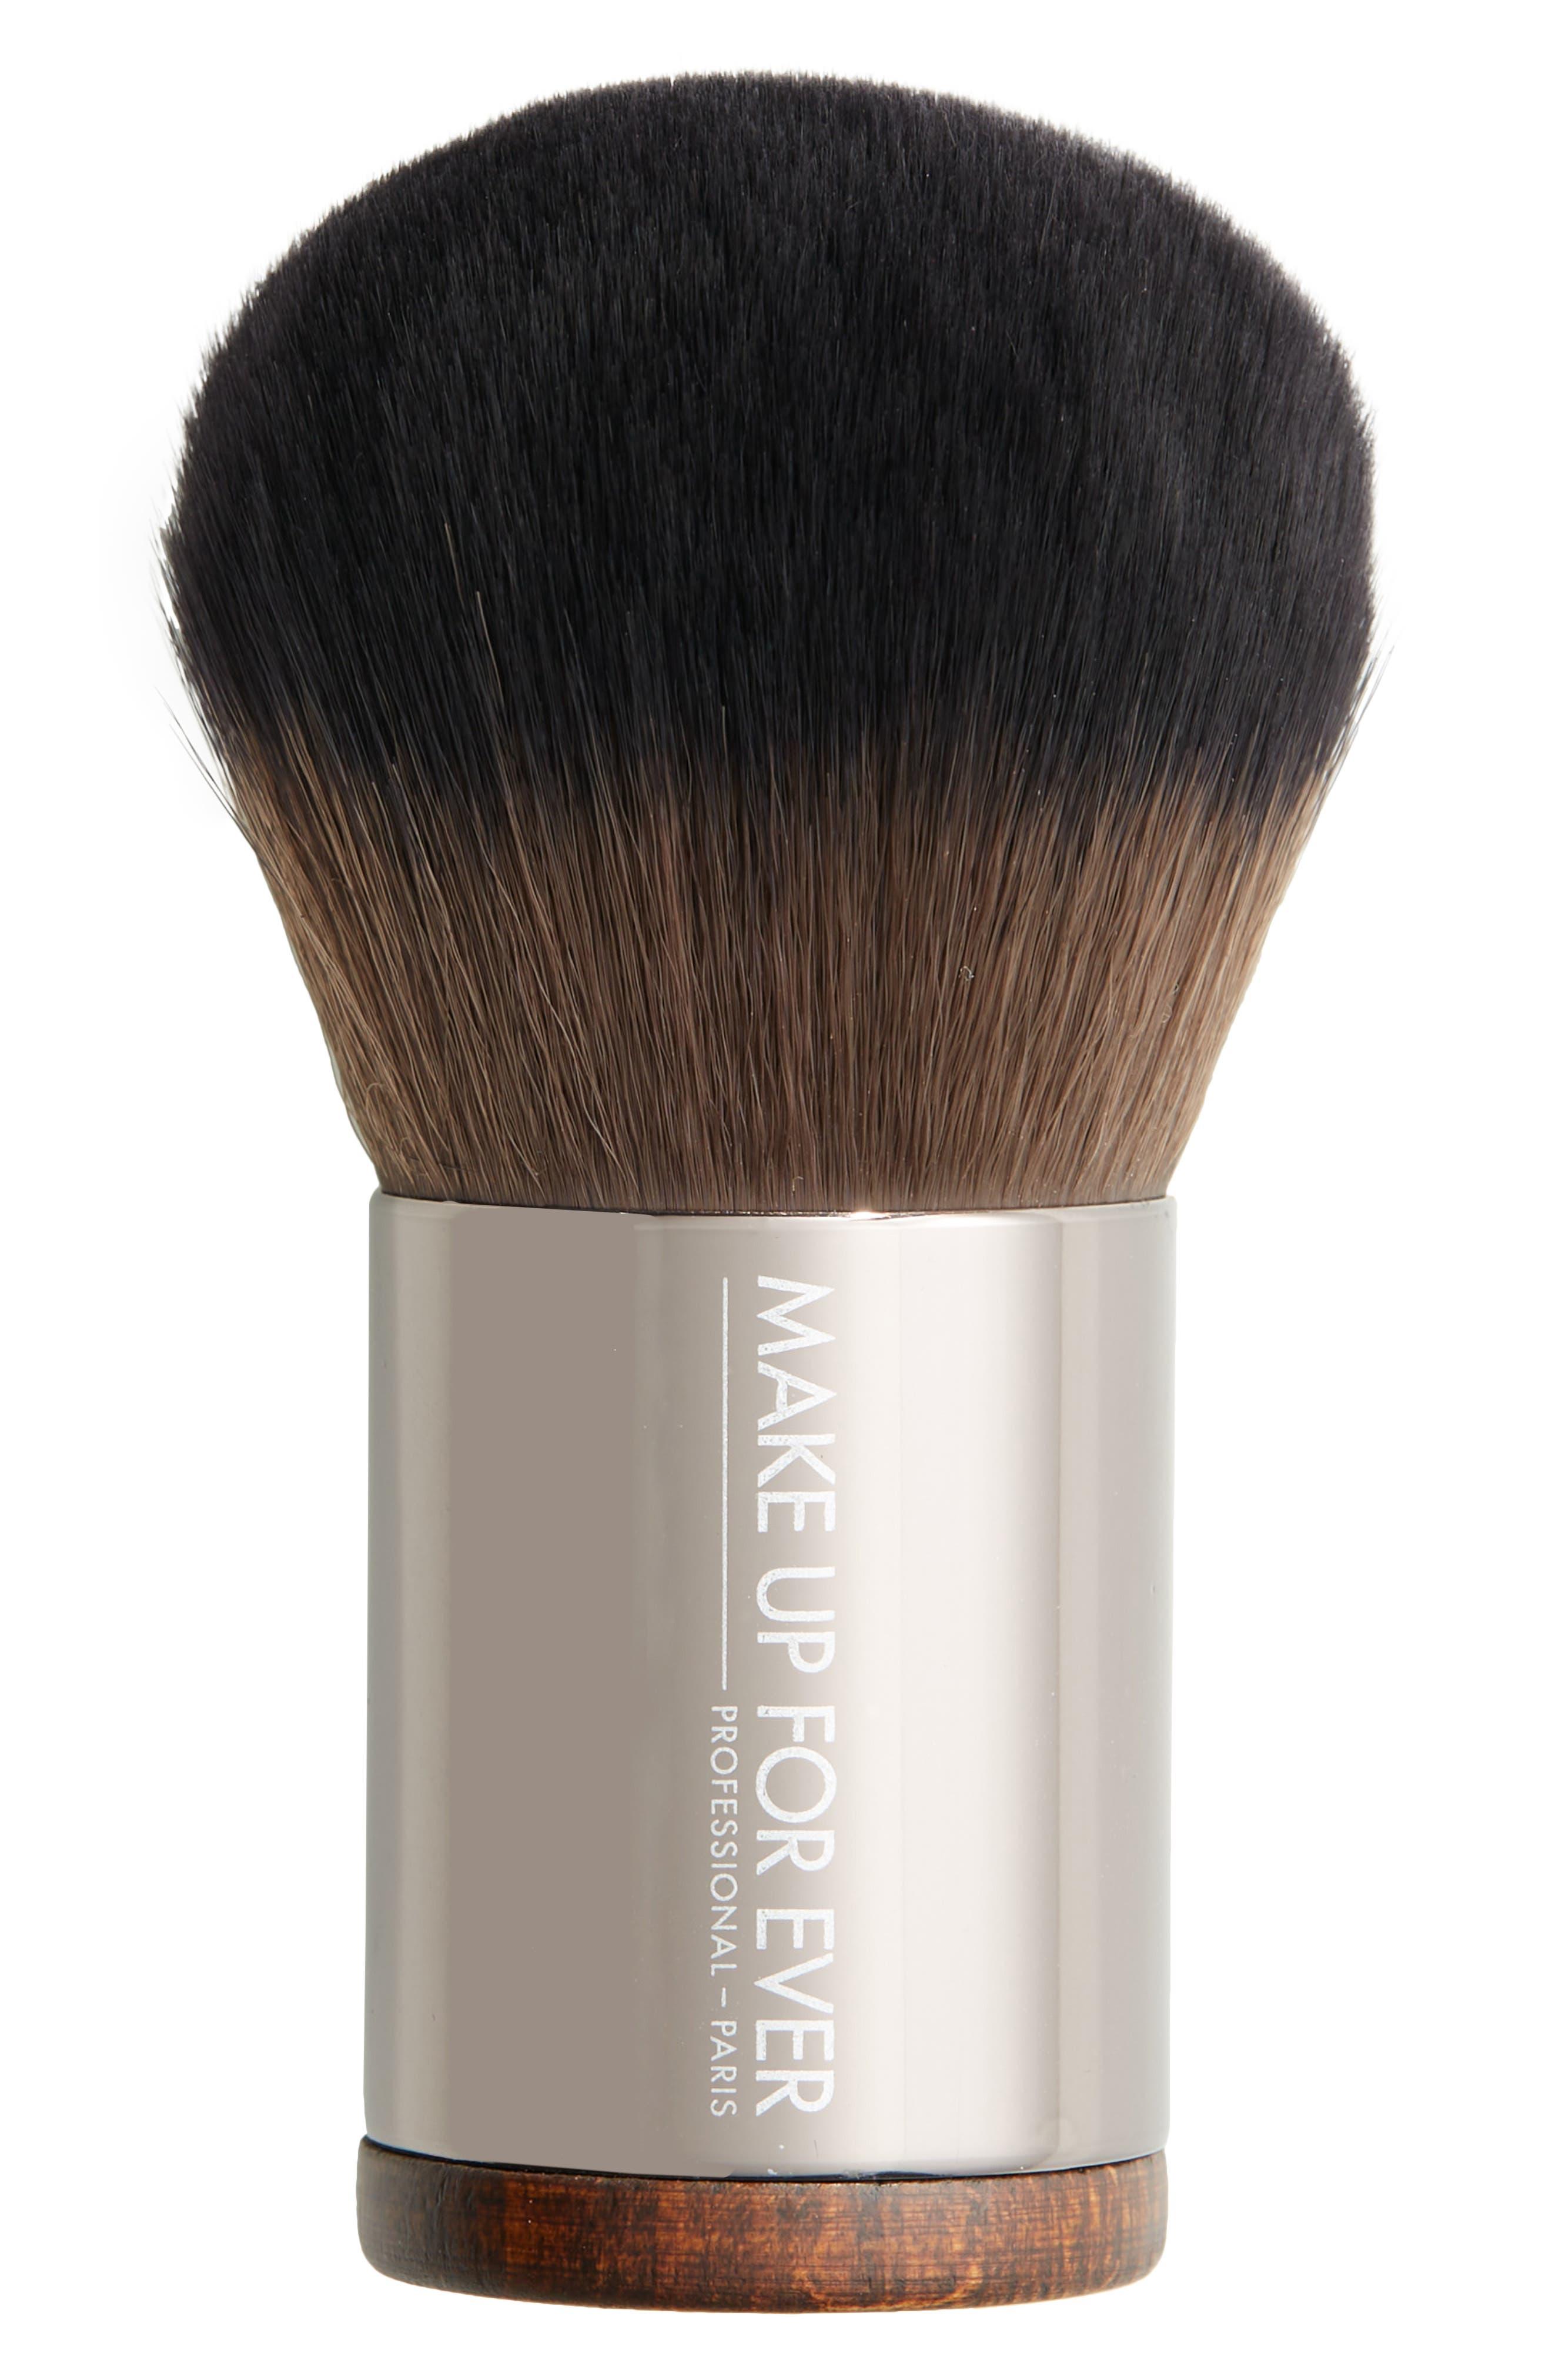 #124 Powder Kabuki Brush